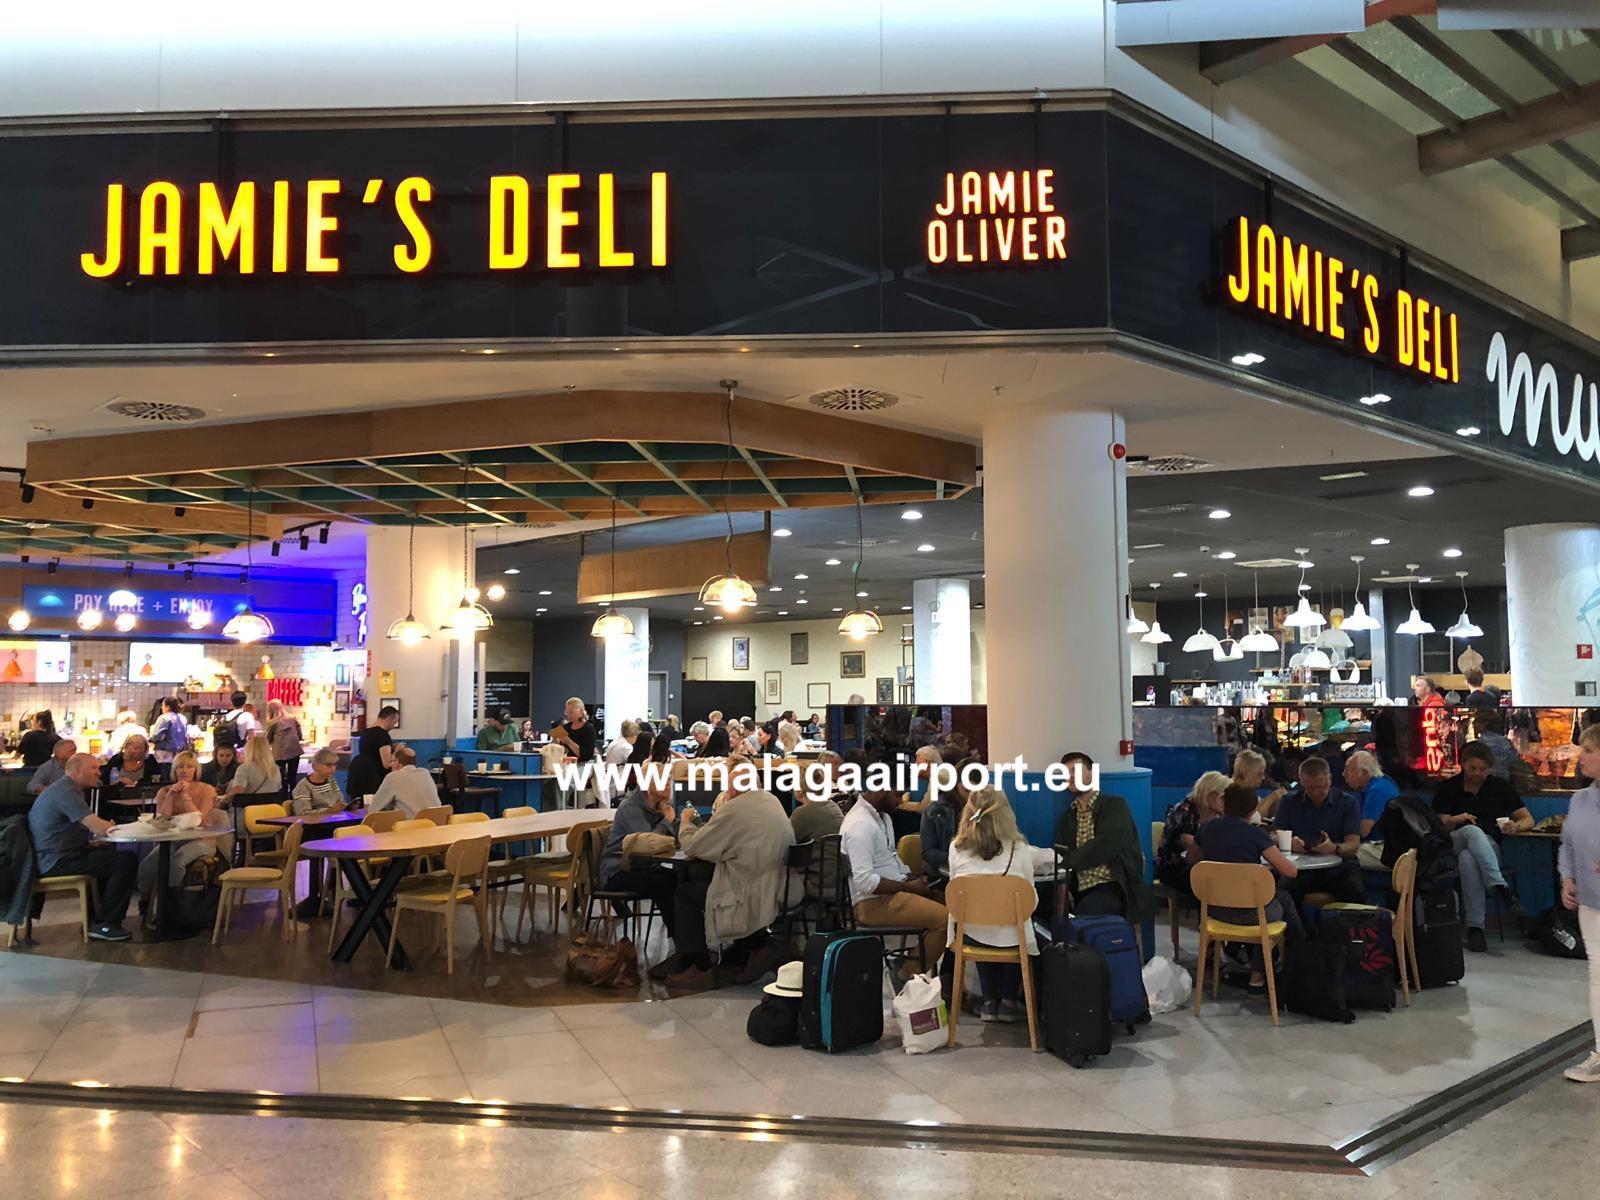 Jamie's Deli Malaga Airport